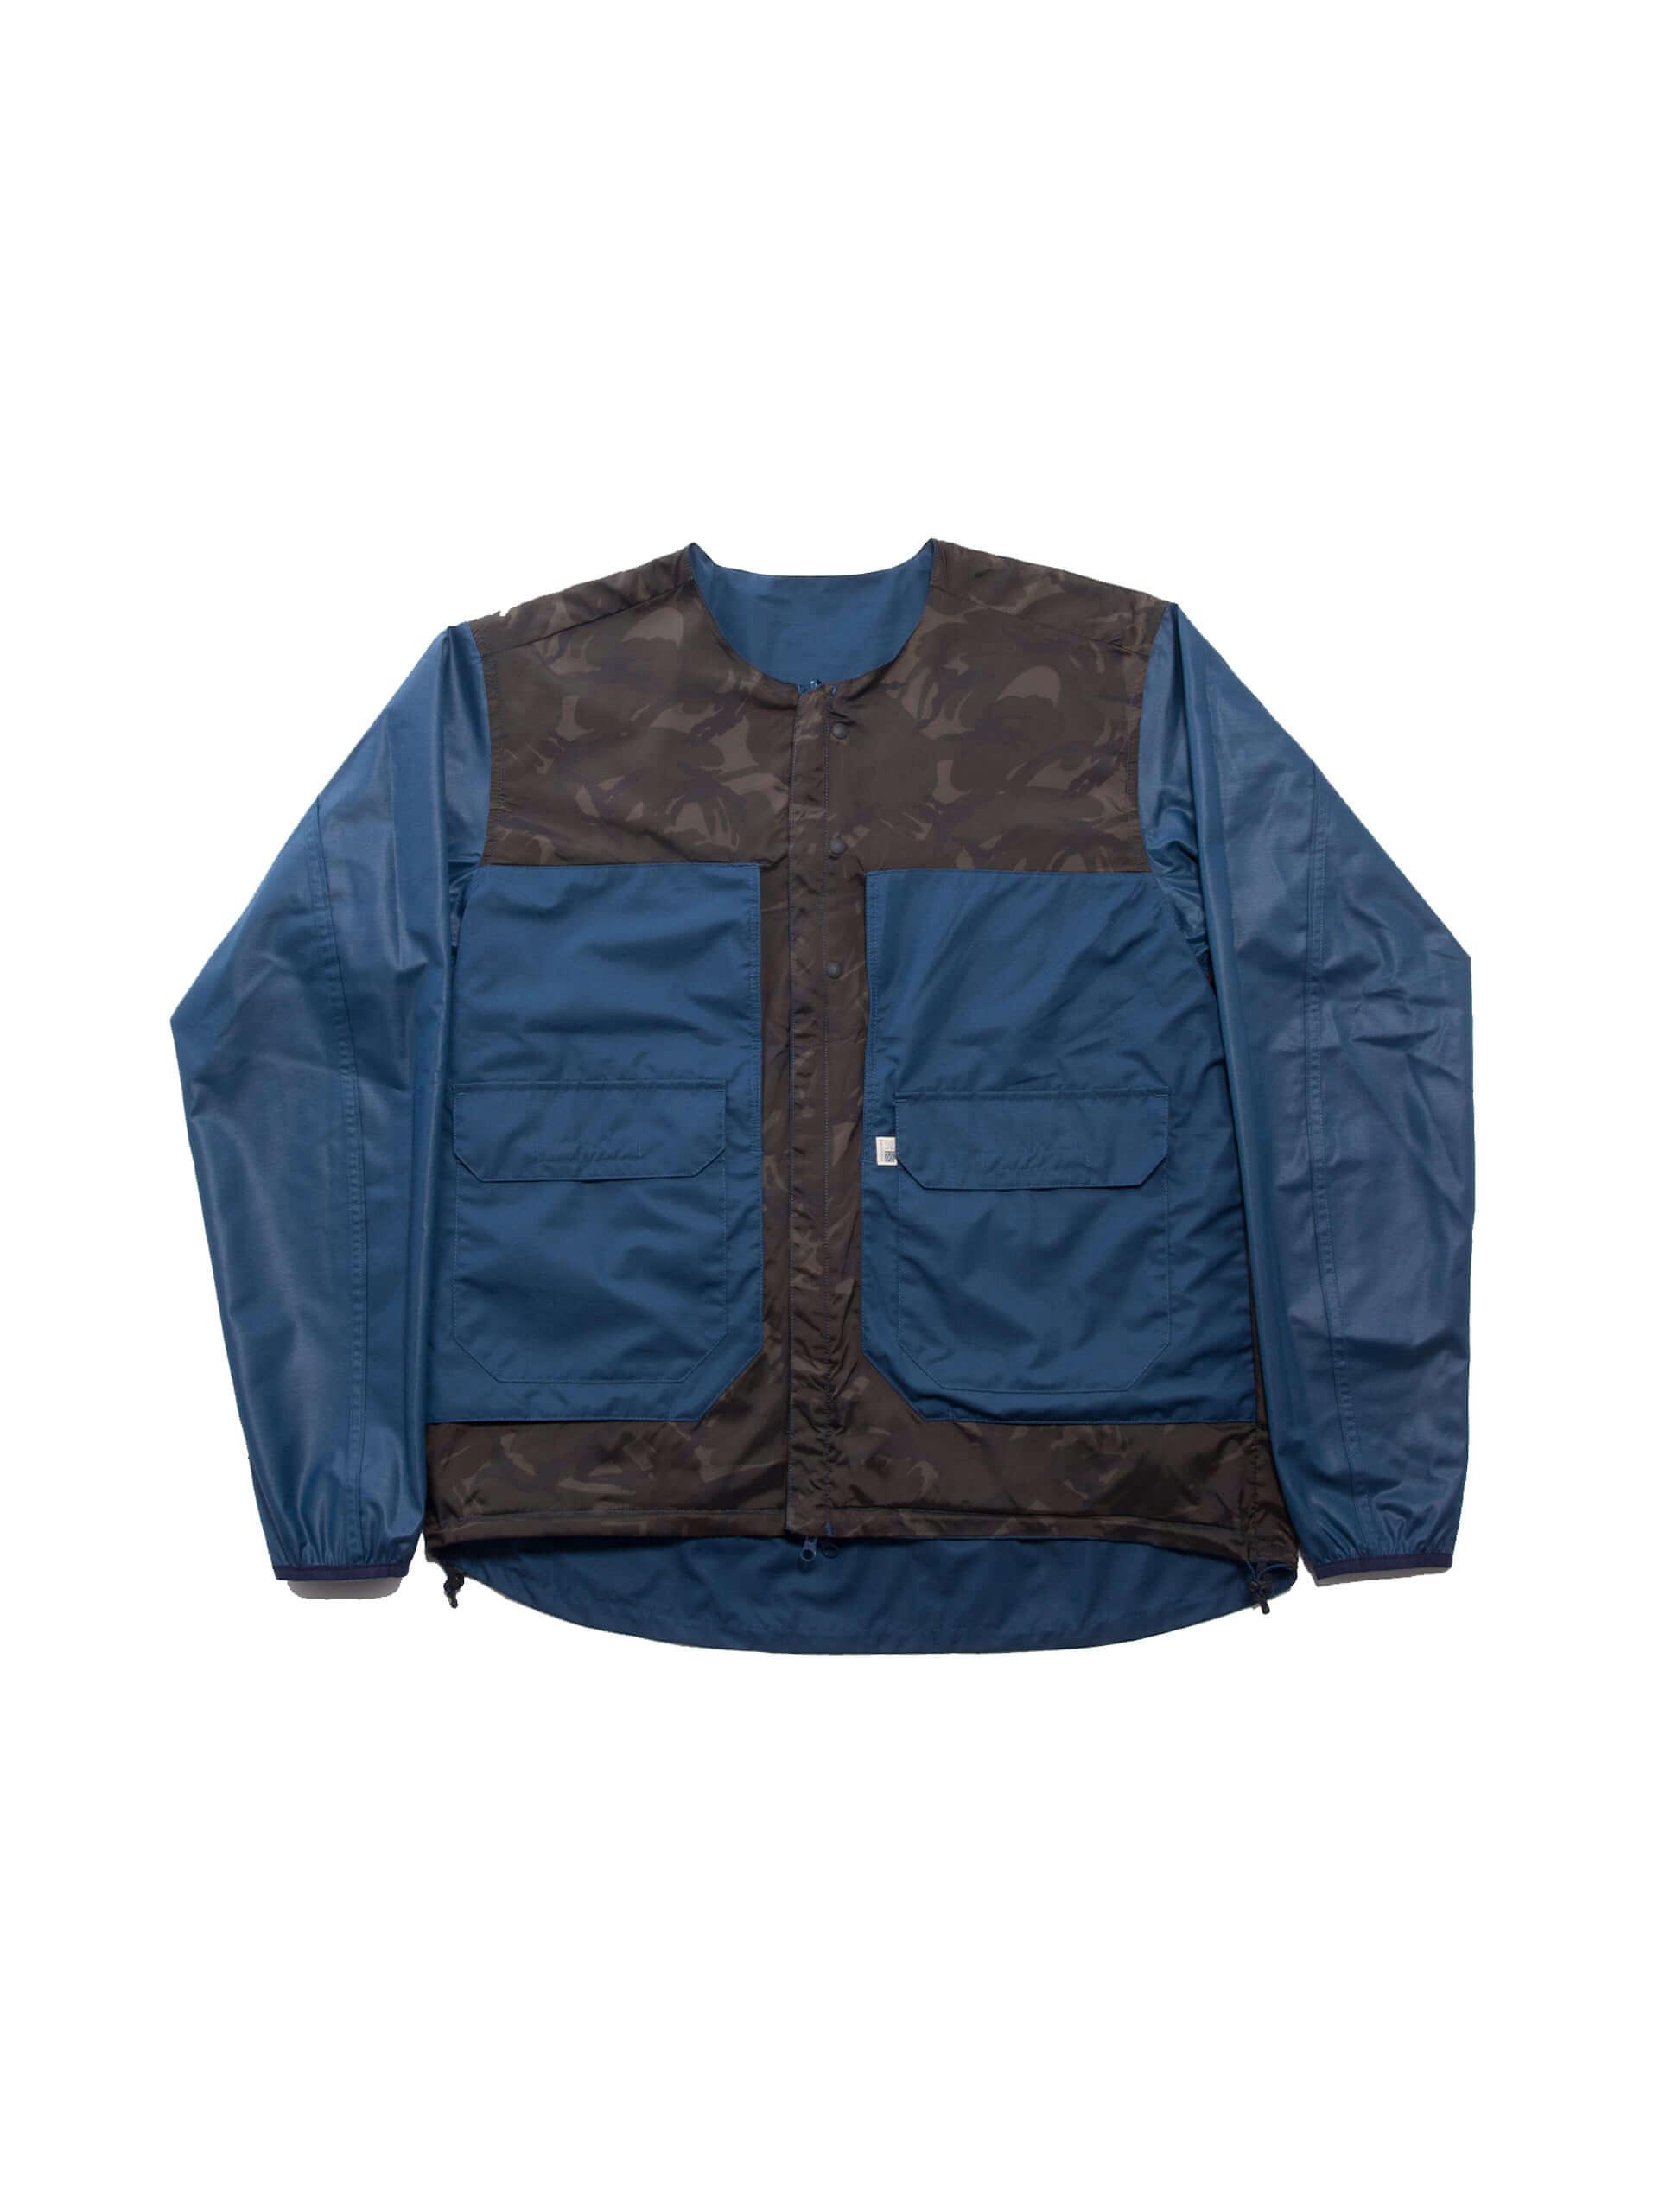 karrimor直営店限定のリバーシブルジャケット、Tシャツ、スタッフバッグが発売!2021年春夏コレクション「ADVENTURE」第1弾 lf210212_karrimor_1-1920x2560